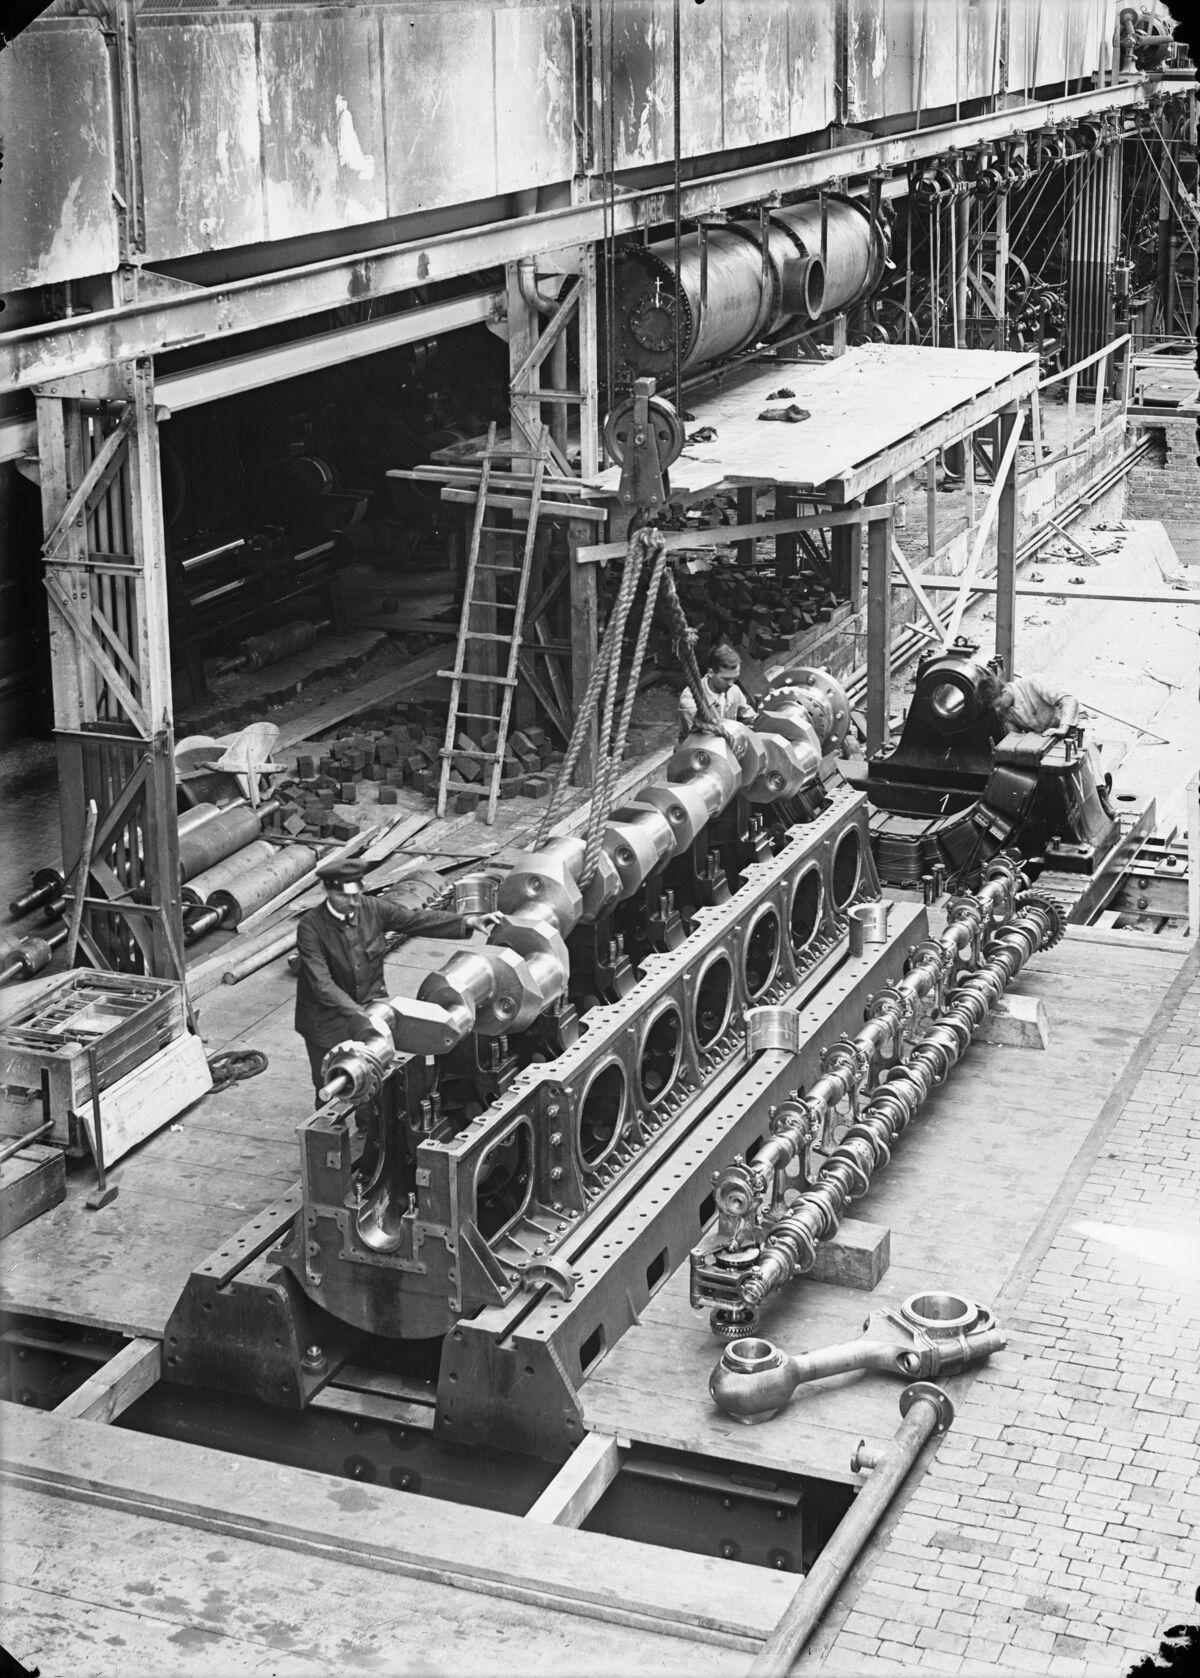 GFA 16/15171: Diesel engine